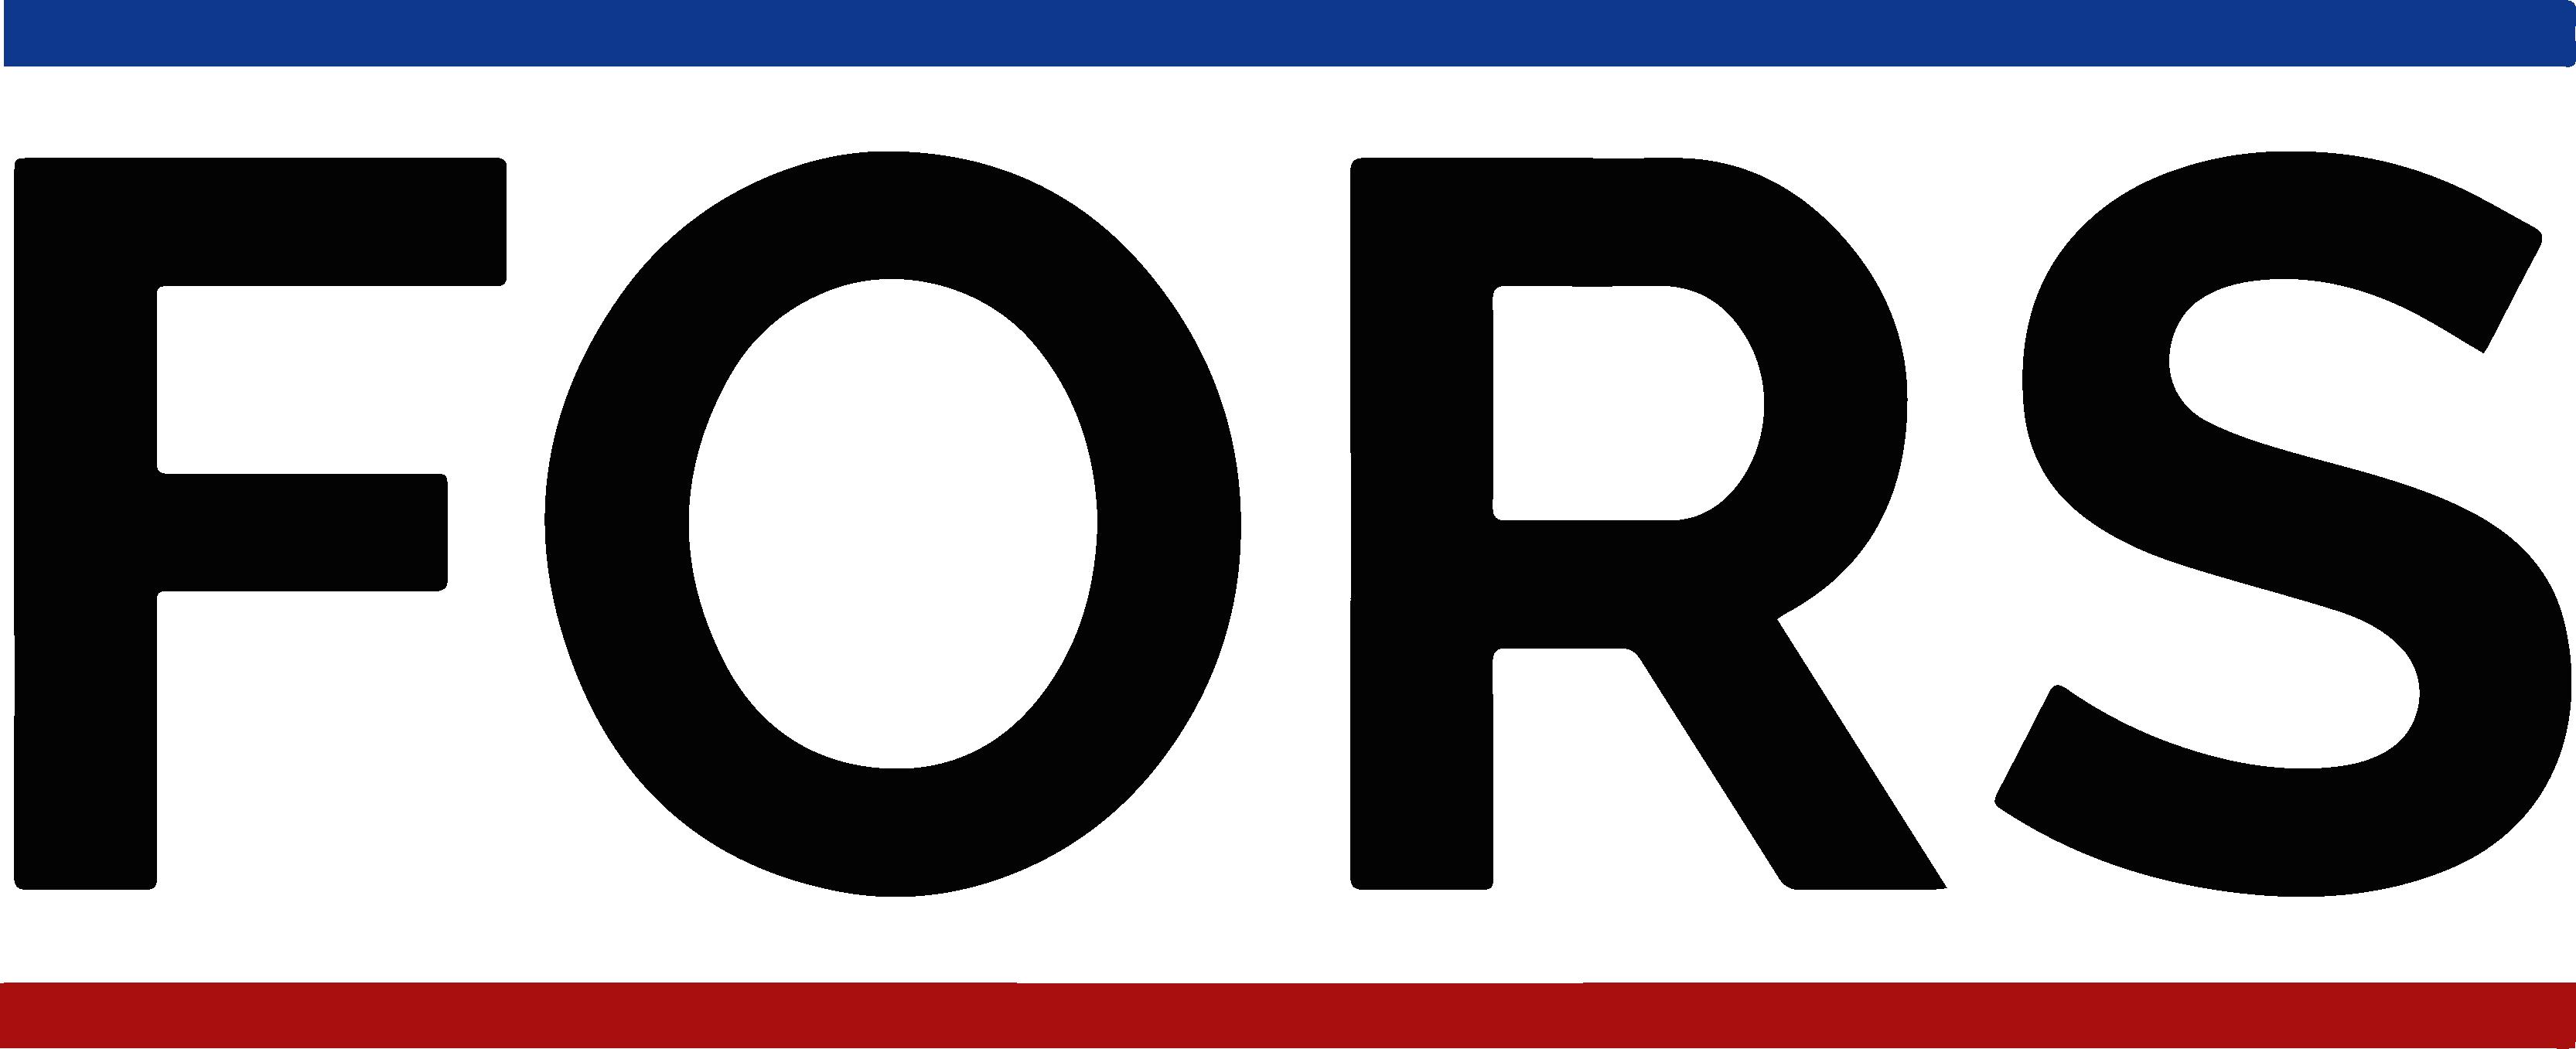 Fors logo 2017 Transparent PNG